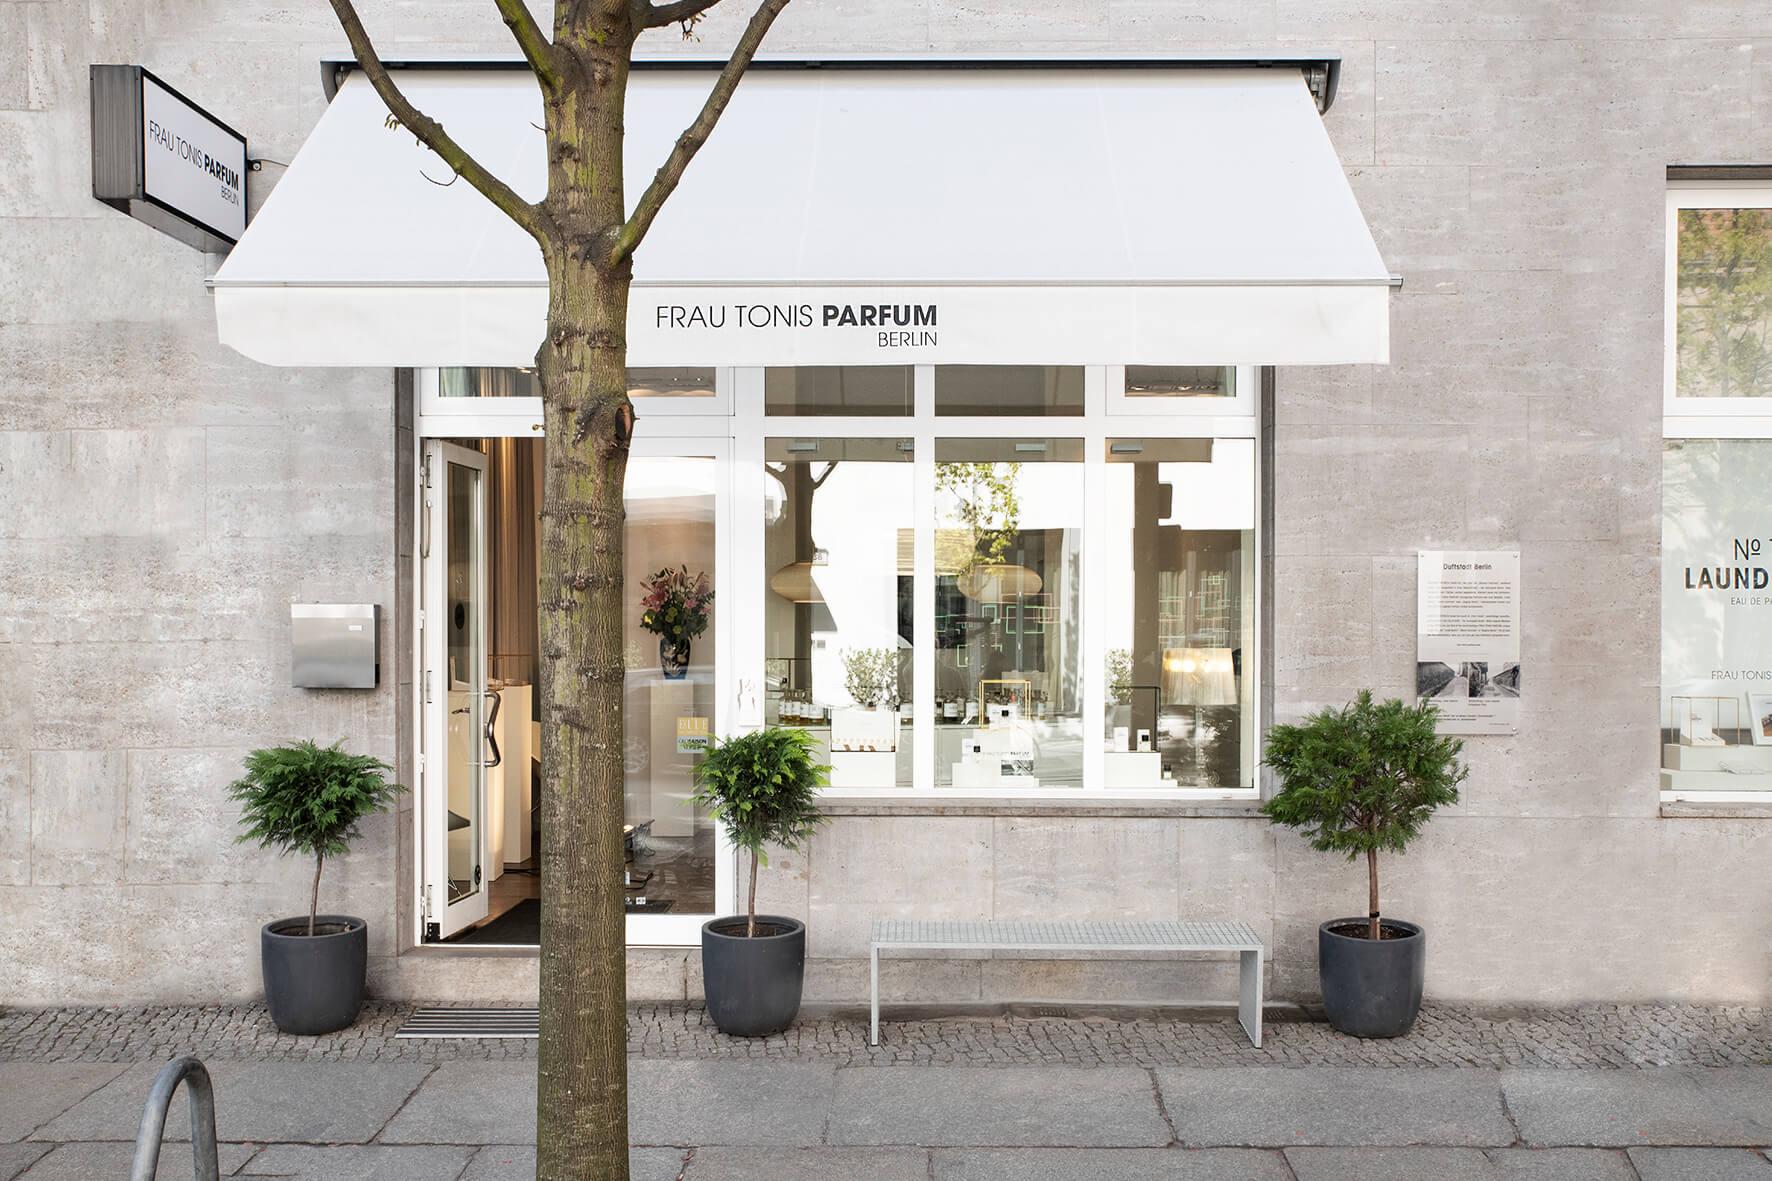 Parfümerin in Berlin Bei Frau Tonis Parfum setzt Hanssen ganz zeitgemäß auf Genderneutralität und Einzigartigkeit. Das Sortiment bietet sogar vegane Düfte.